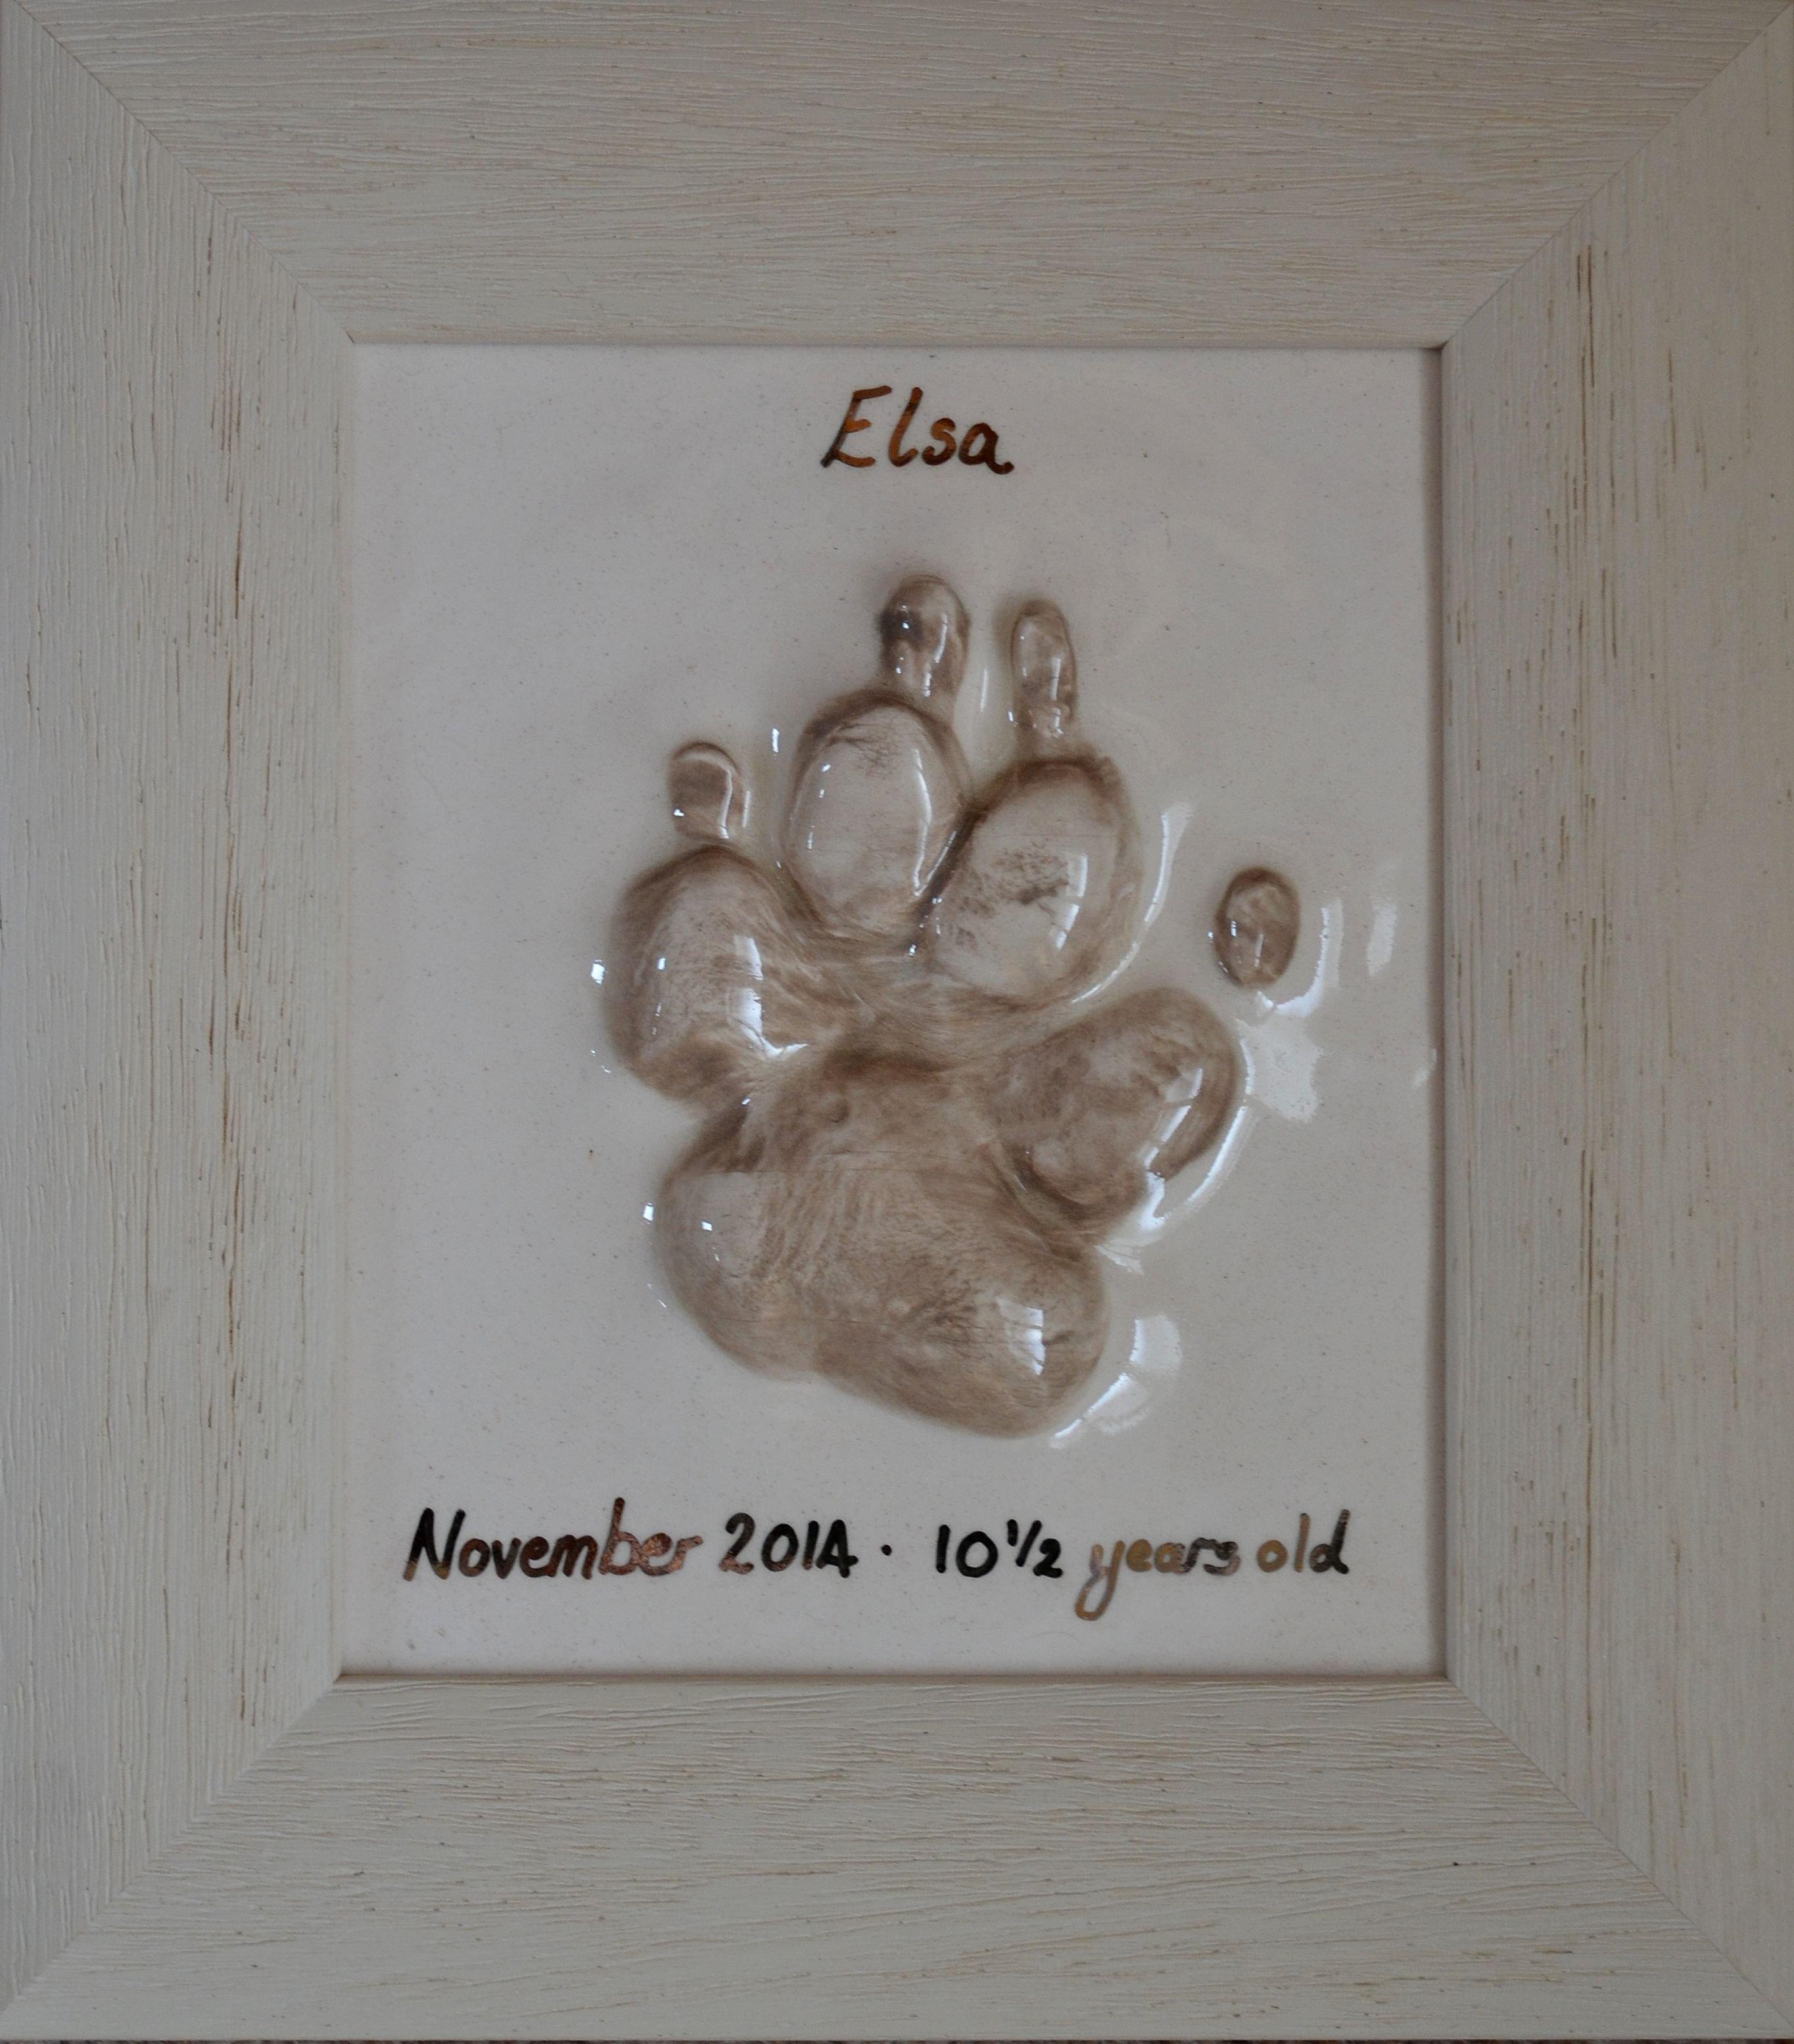 Elsa's paw tile